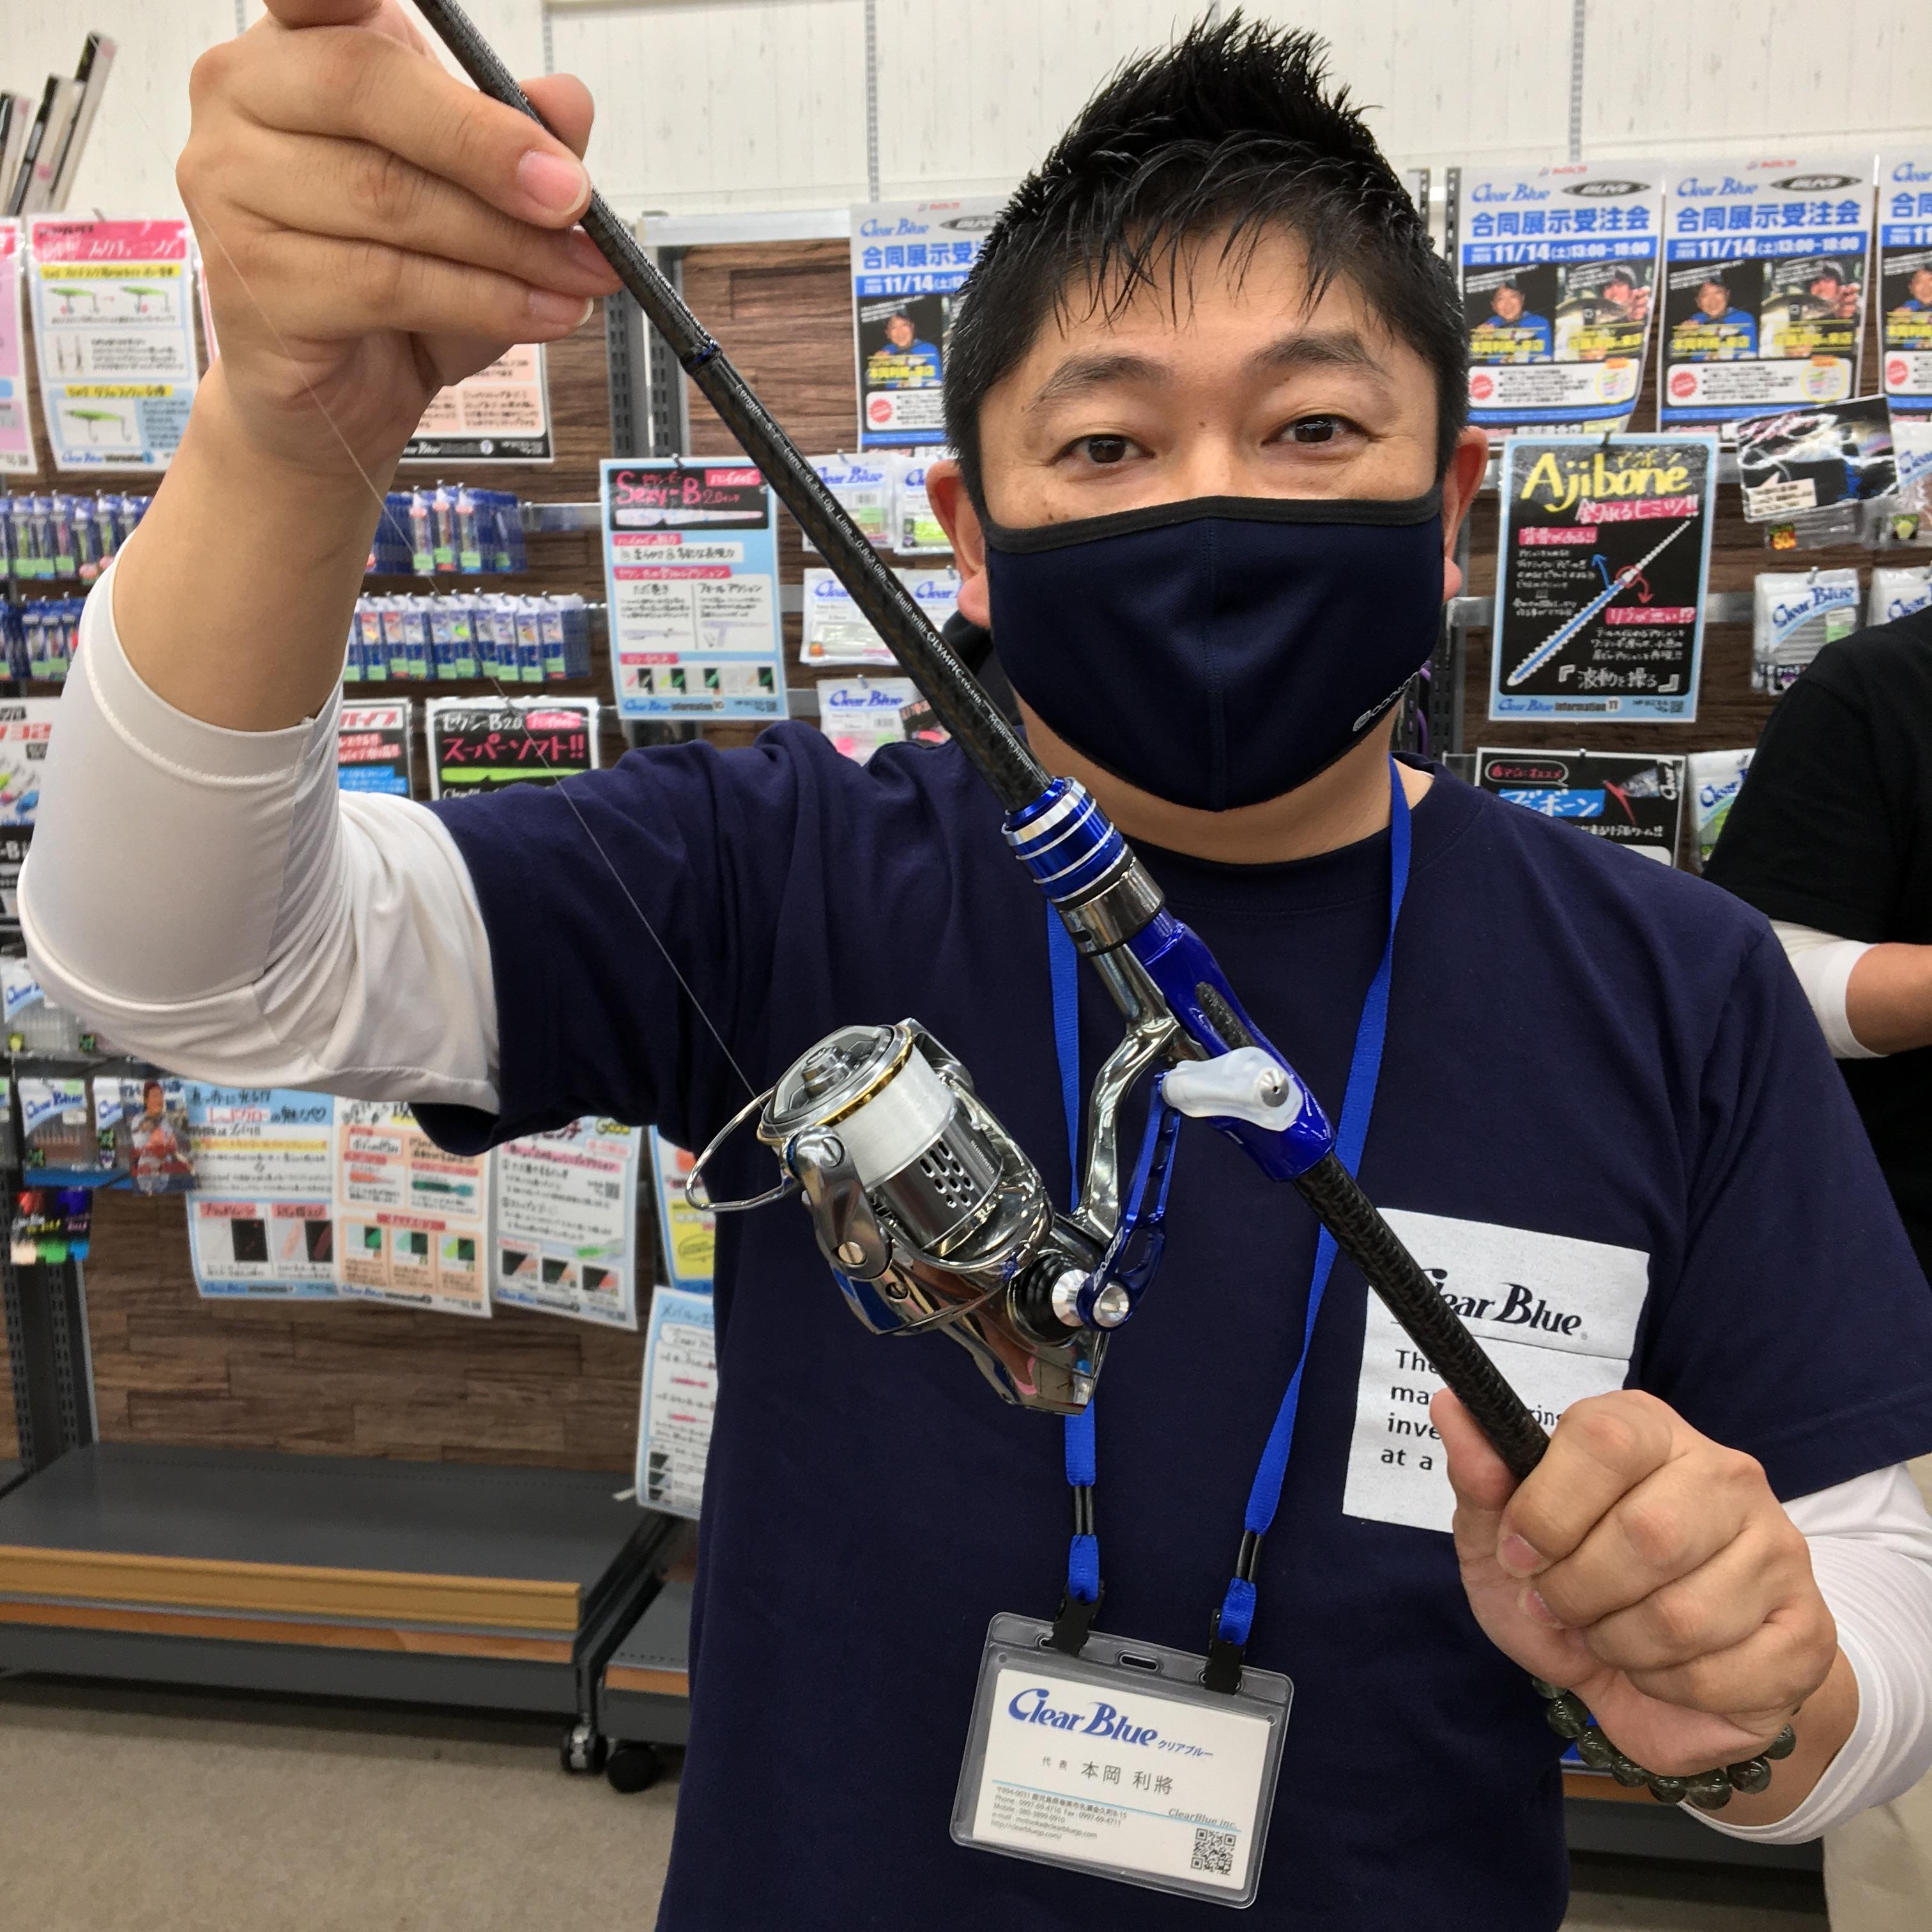 http://www.dlive-f.jp/news/image_data/%E6%9C%AC%E5%B2%A1%E3%81%95%E3%82%932.jpeg